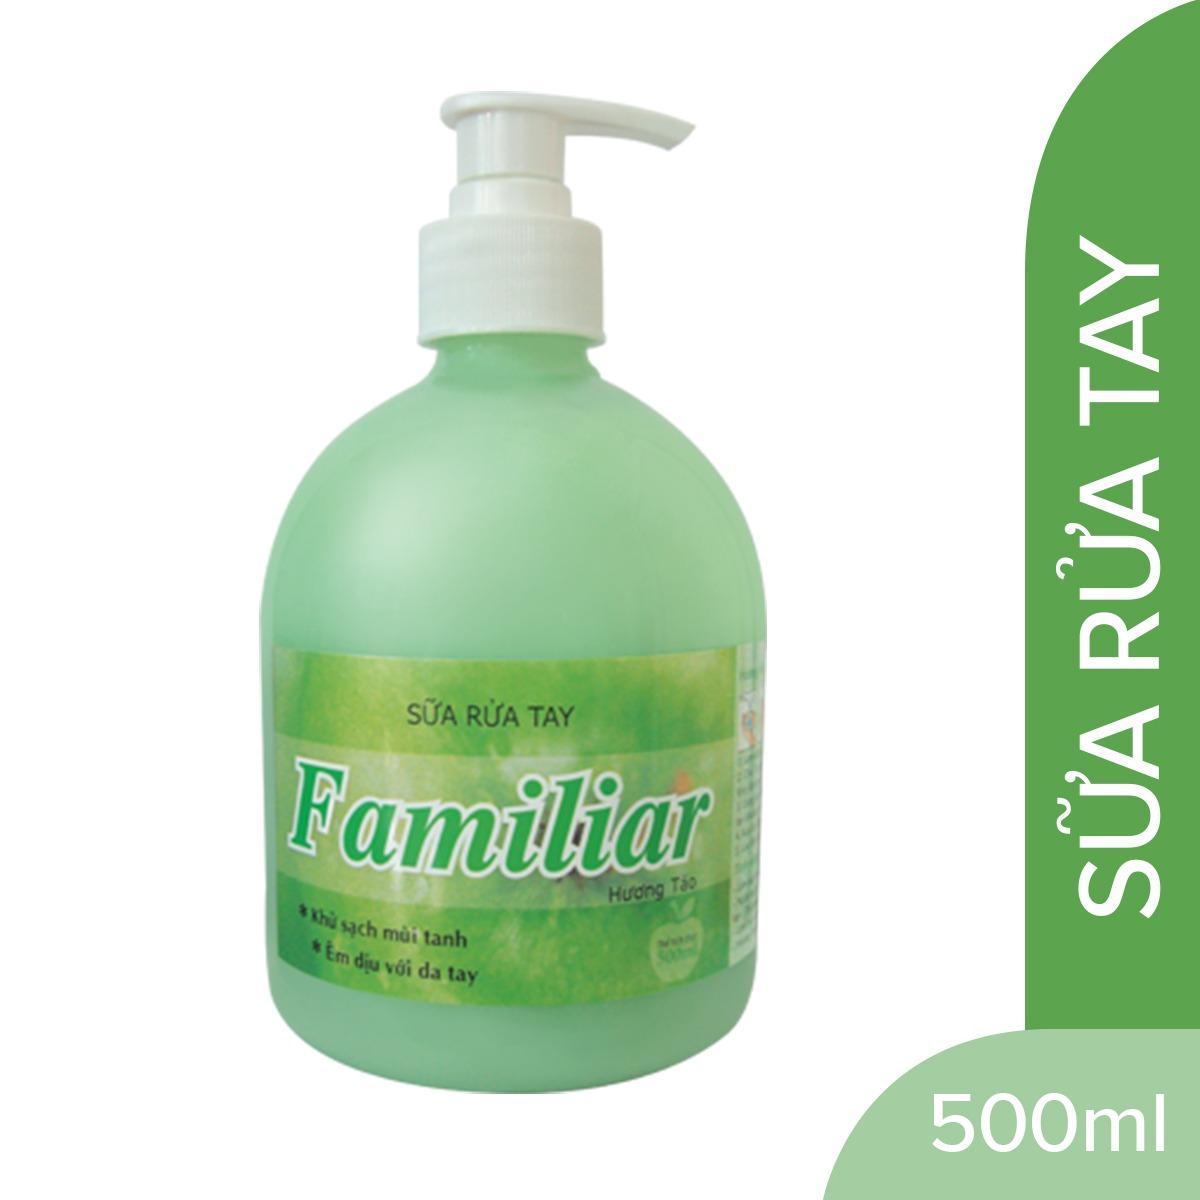 Sữa rửa tay FAMILIAR hương táo 500ml